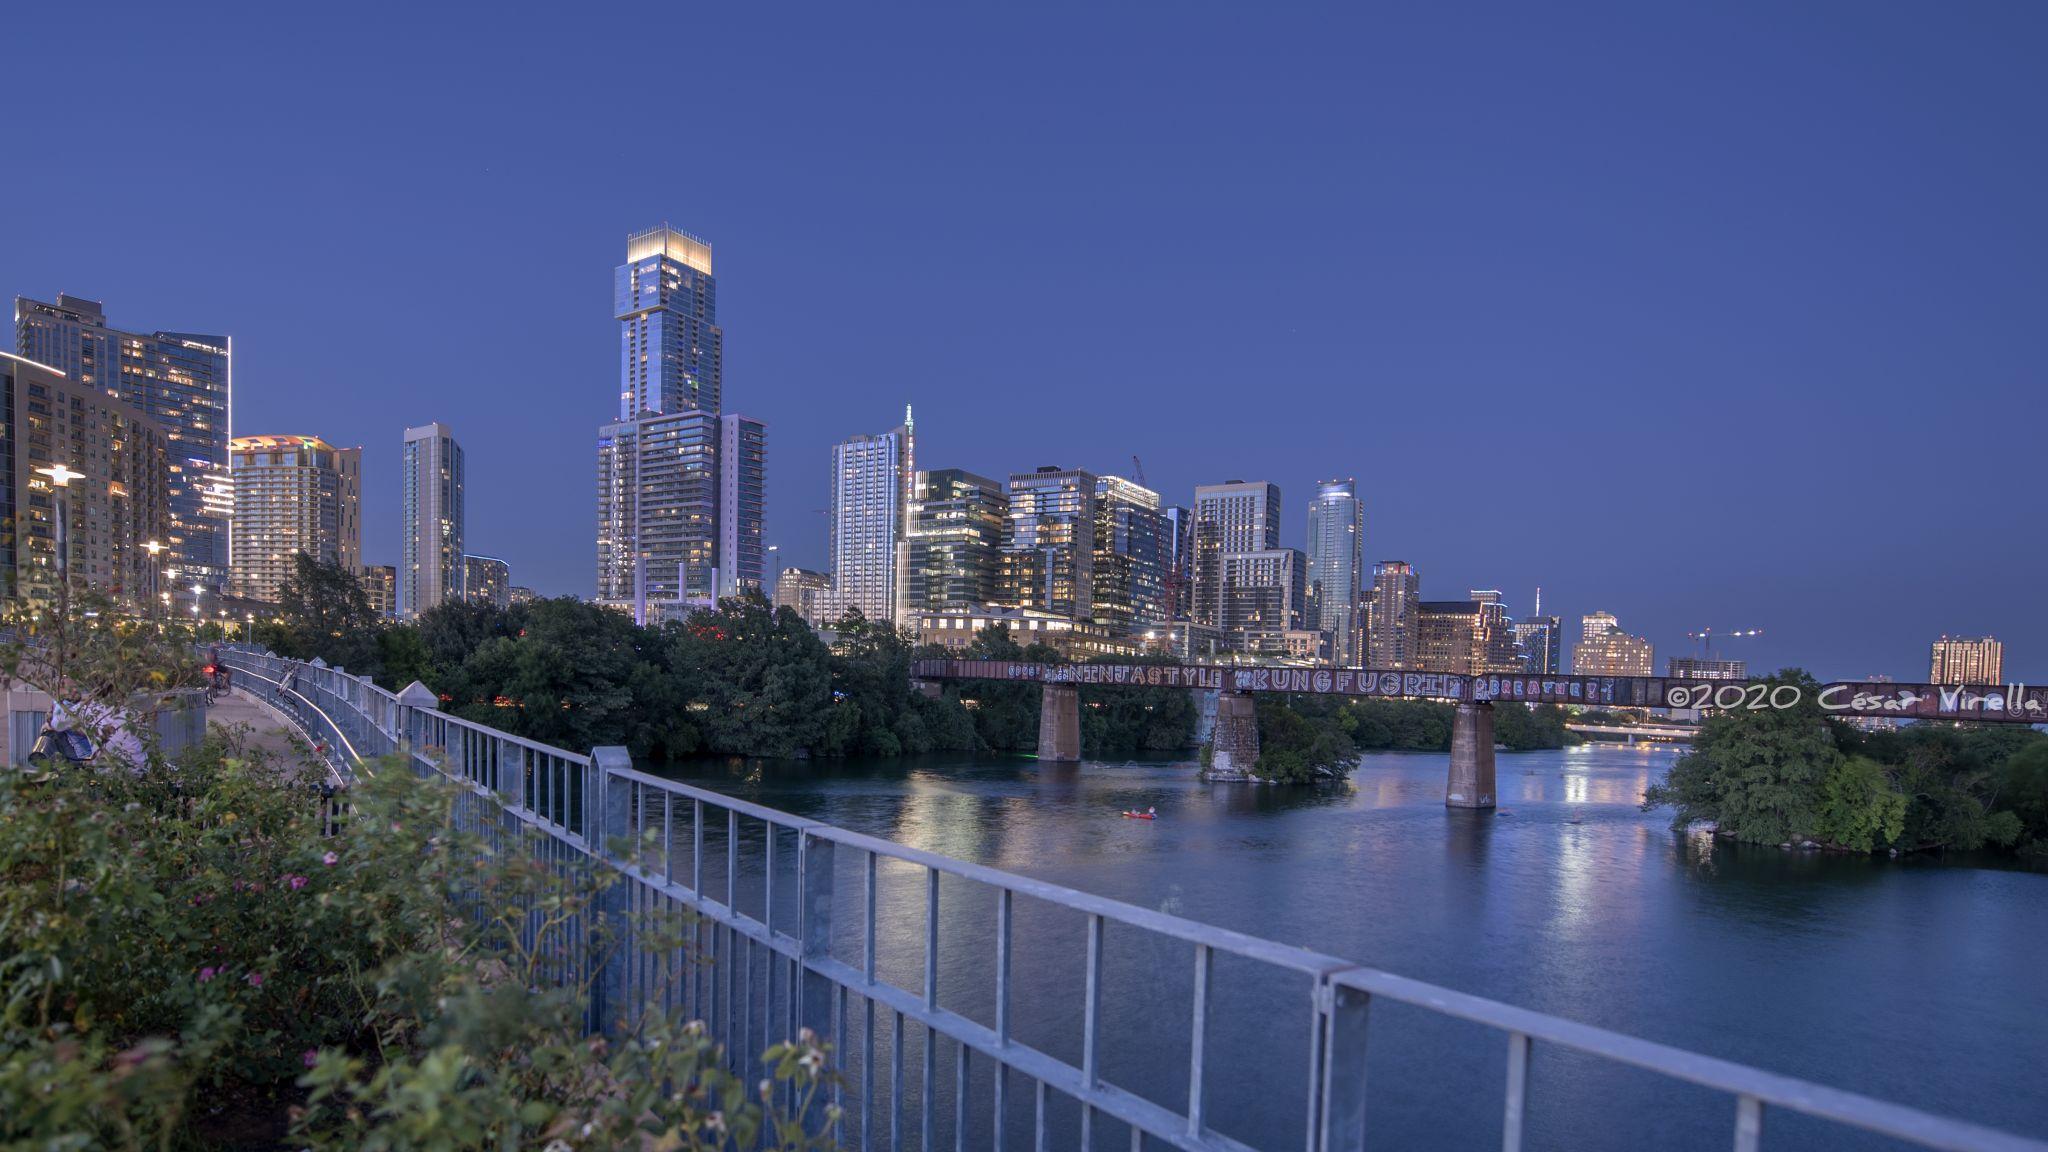 Austin Skyline from Pfluger Pedestrian Bridge, USA